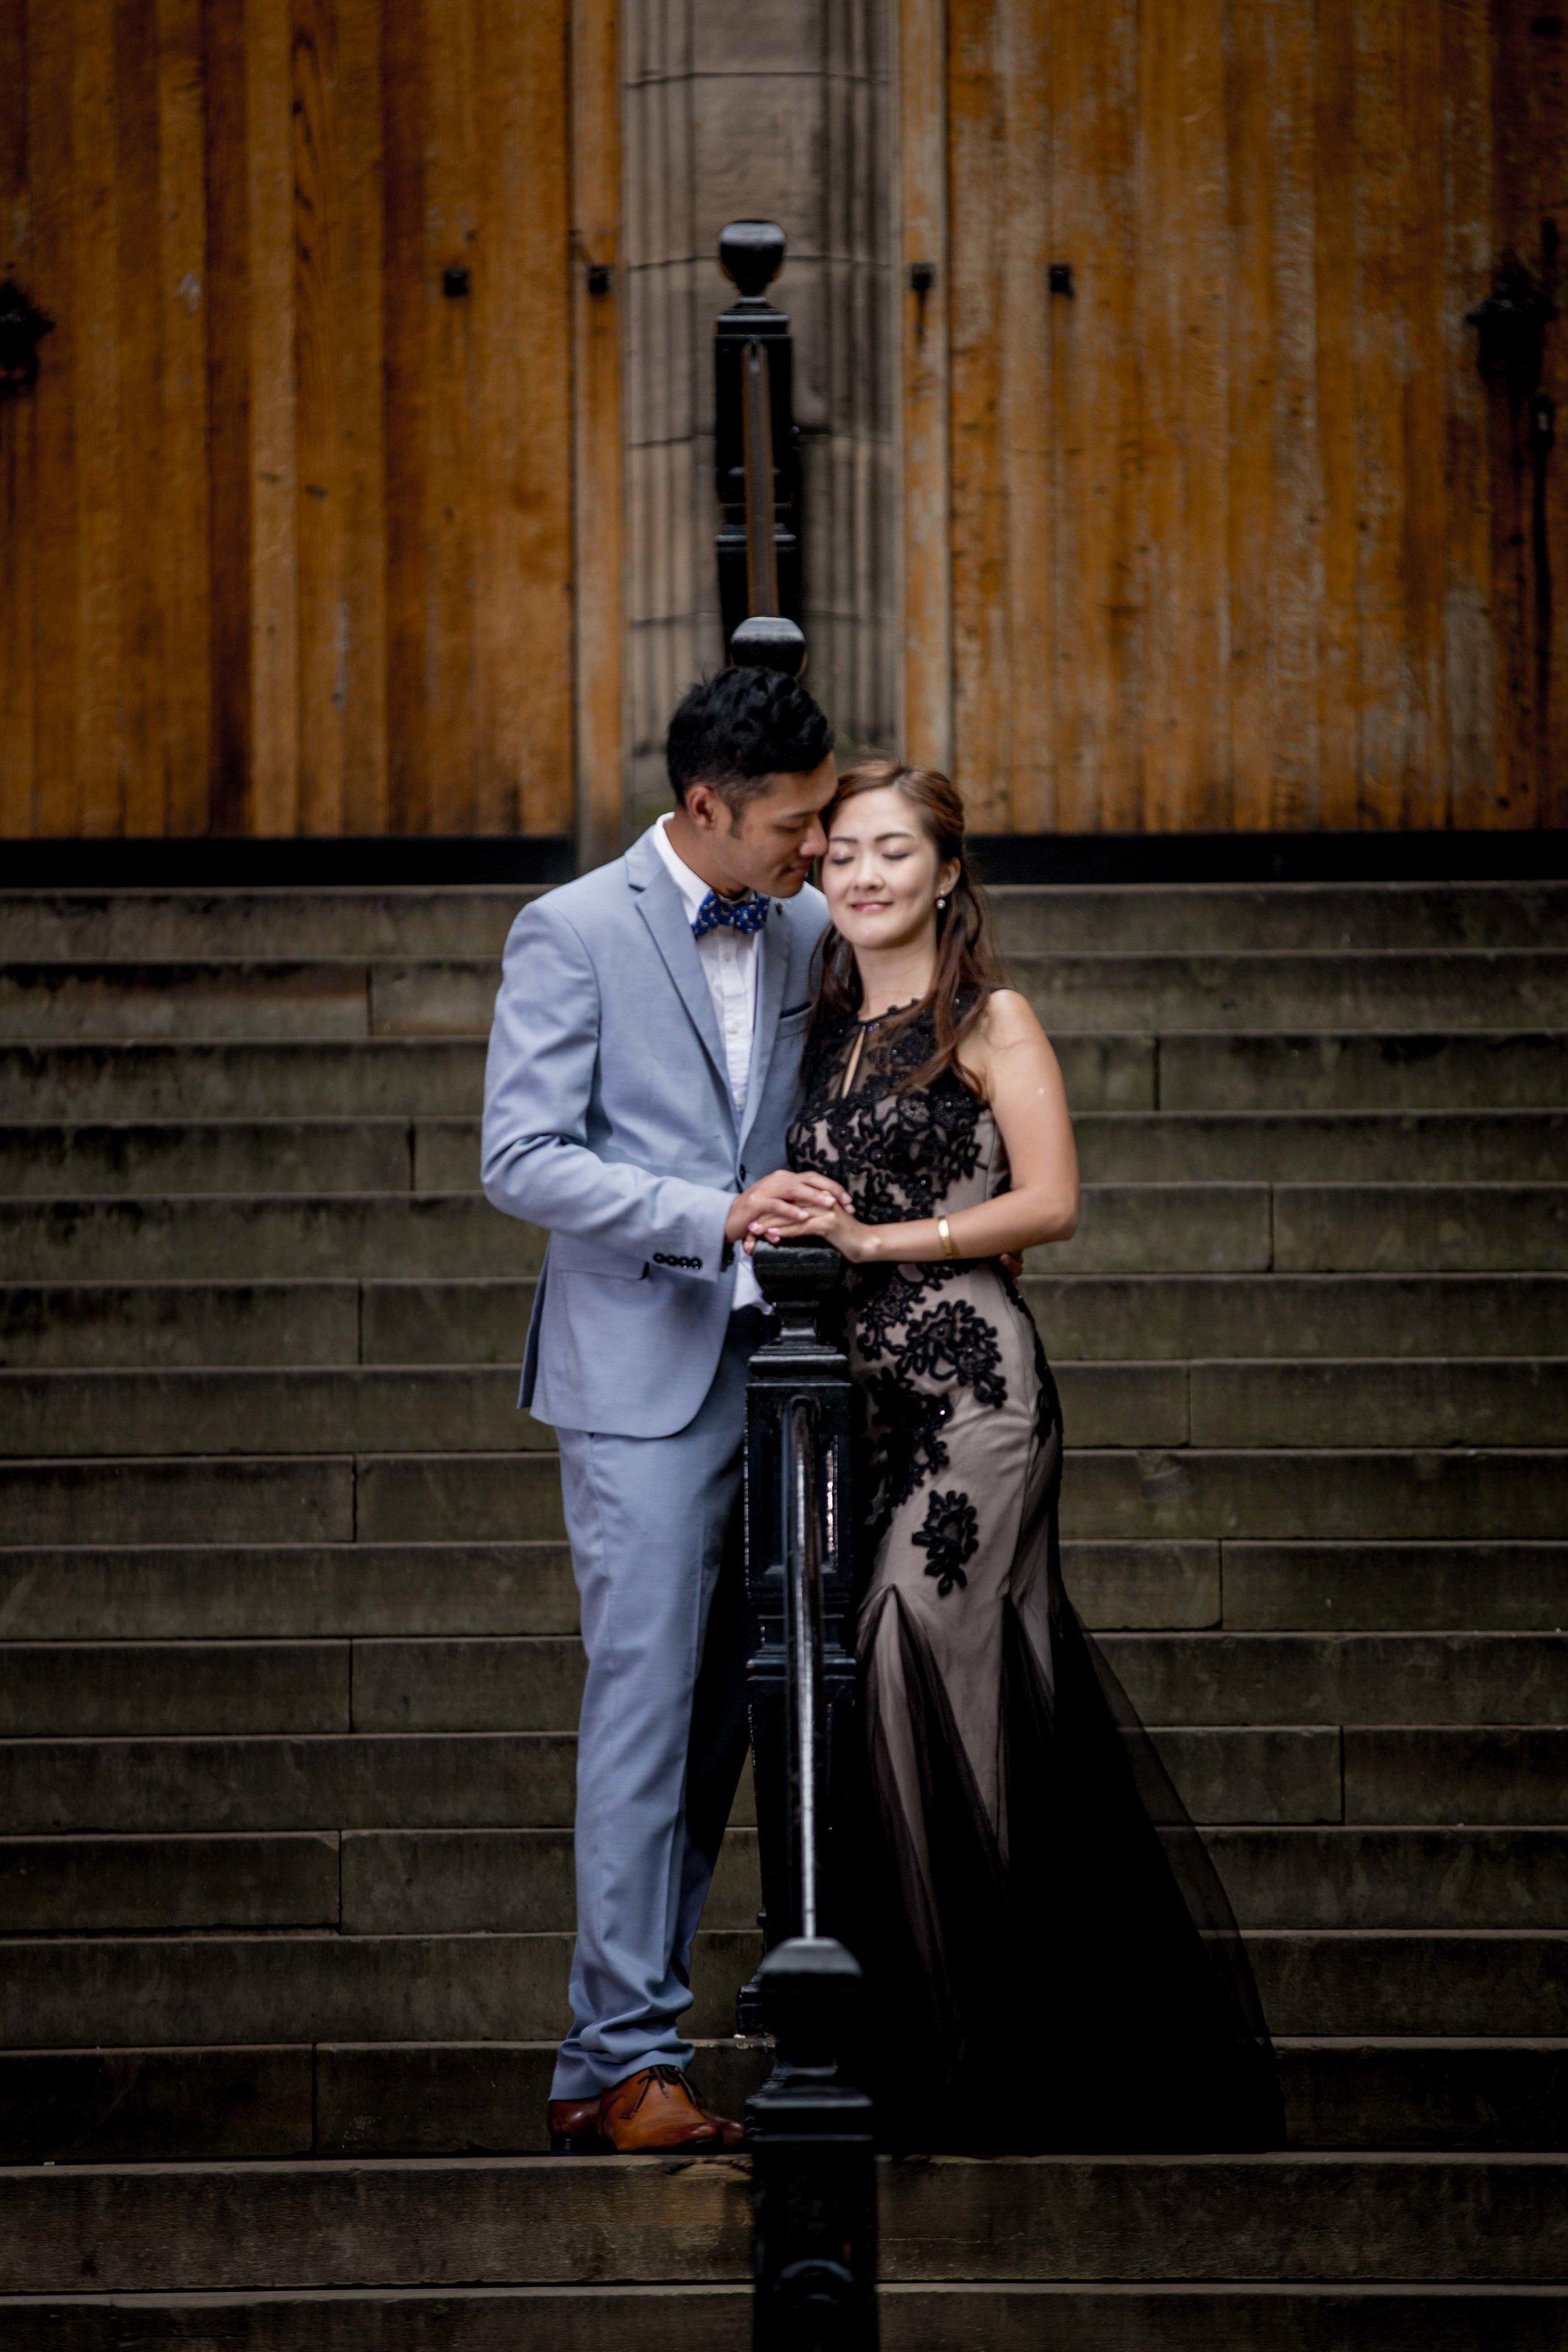 婚紗攝影倫敦英國-婚纱摄影伦敦英国-Chinese- pre-wedding-engagement-shoot-photoshoot-London-edinburgh-destination-wedding-photographer-hong-kong-natalia-smith-photography-31.jpg